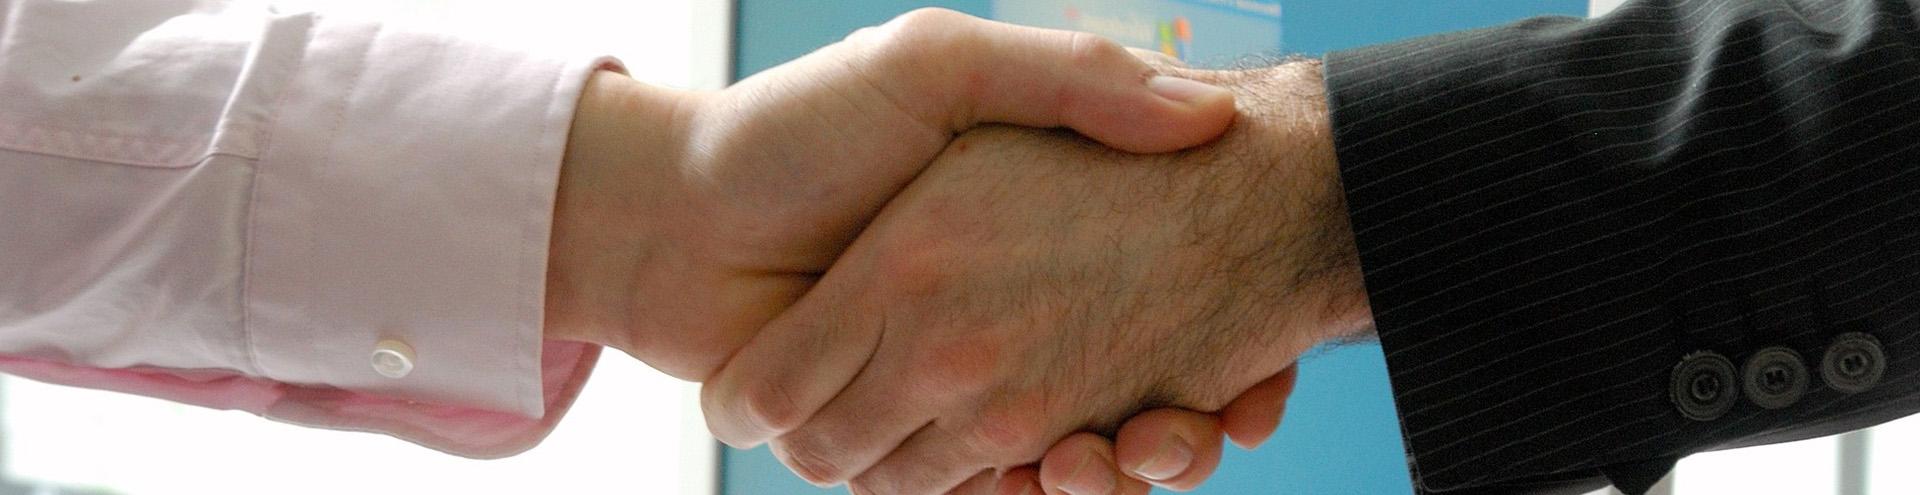 арбитражное урегулирование споров в Пензе